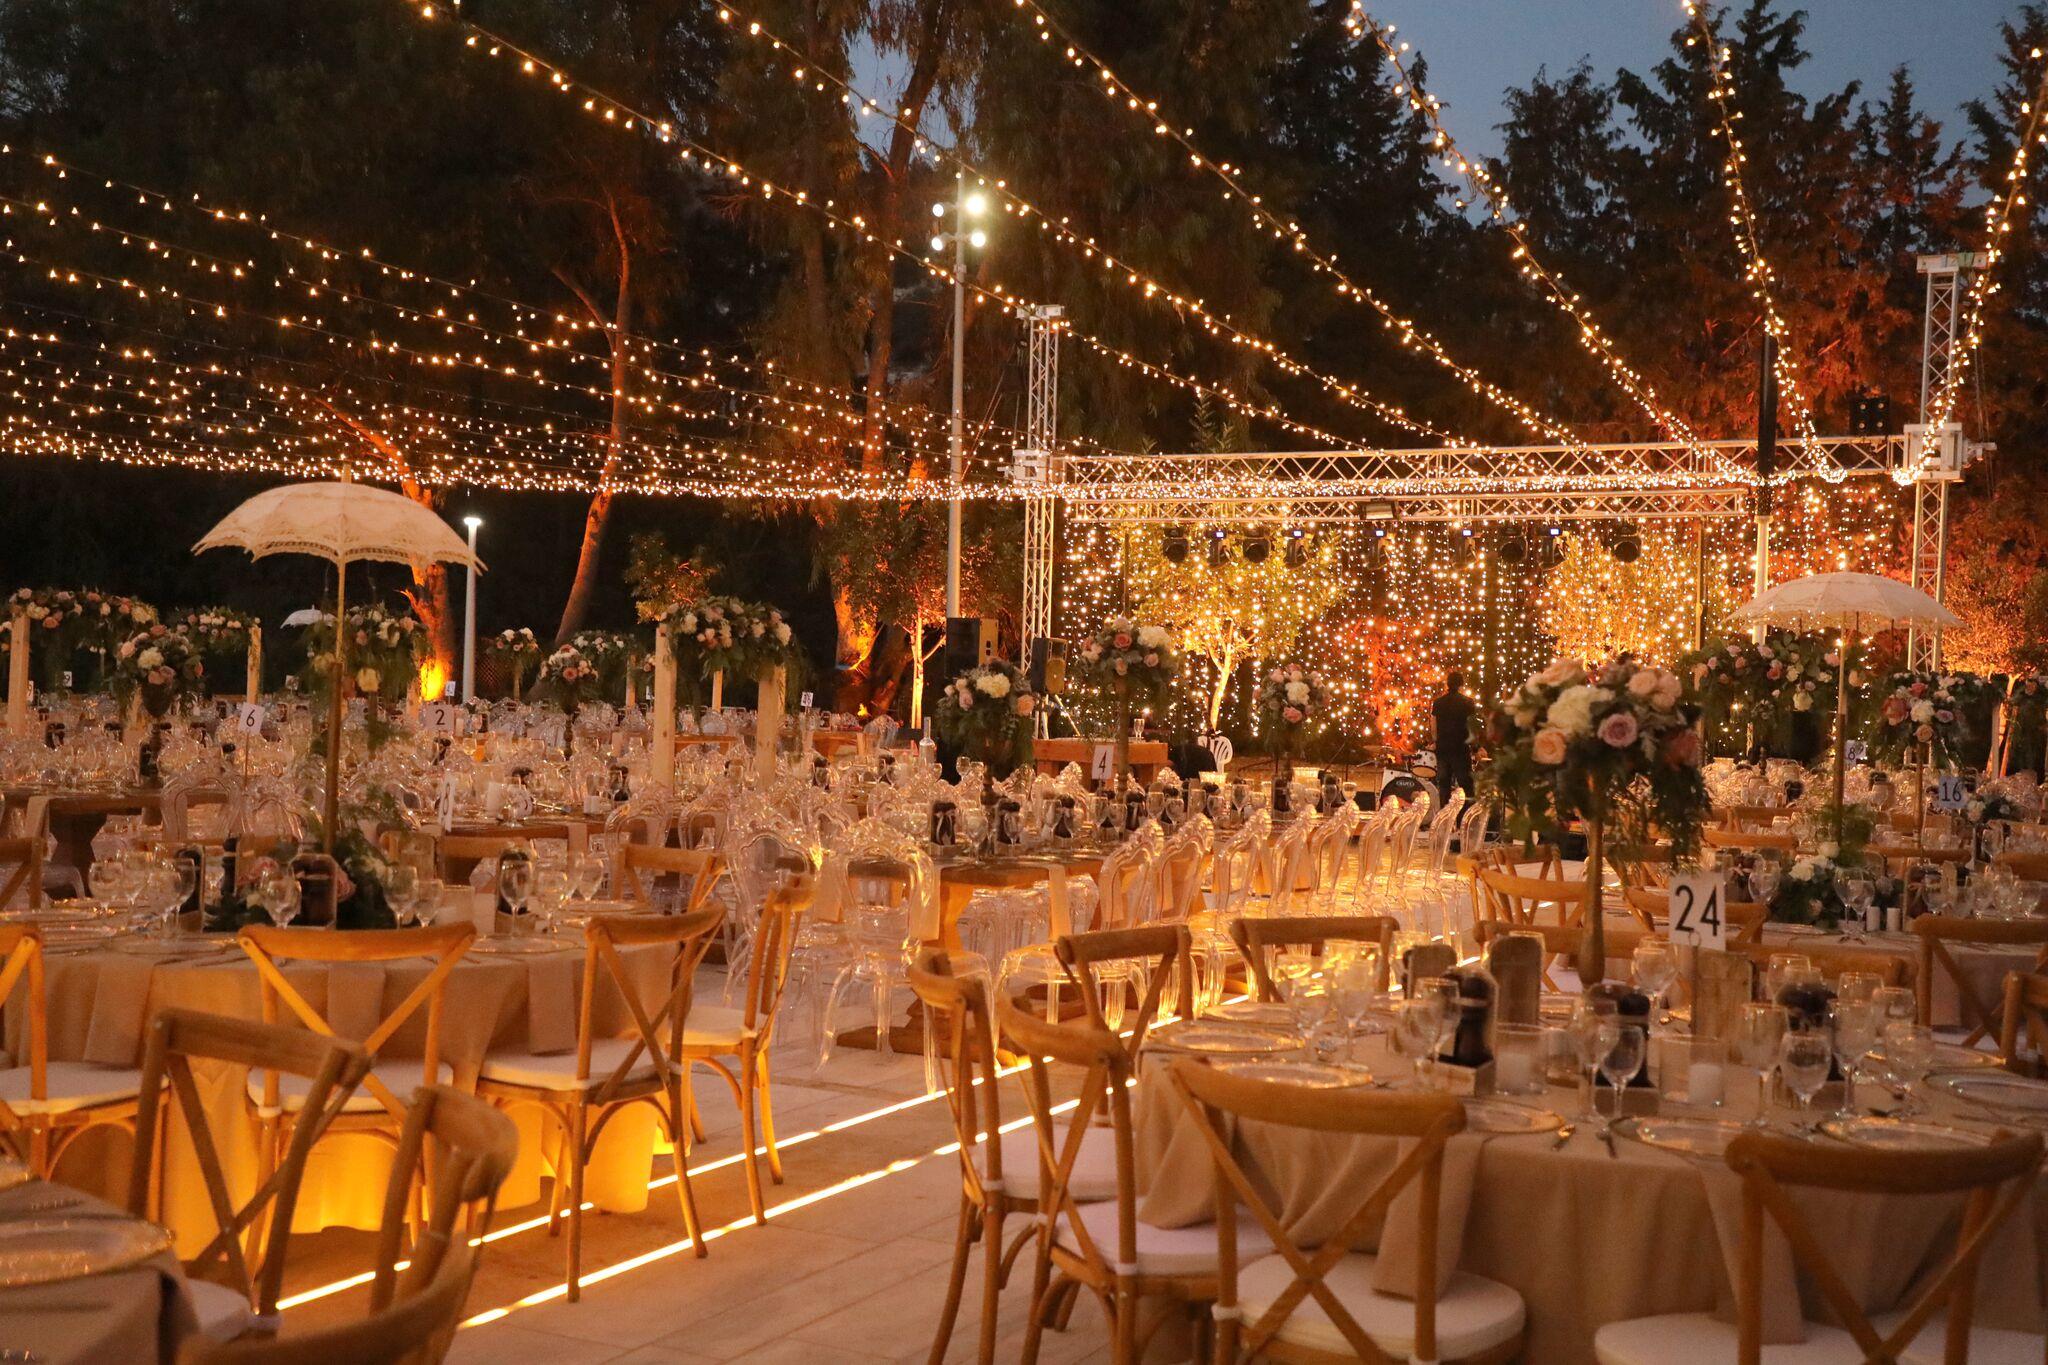 323f16b3f725 Ένας γάμος πολύ διαφορετικός και γεμάτος χρώματα έγινε το περασμένο Σάββατο  στην Πάφο και πιο συγκεκριμένα σε ημιορεινό χωριό της Πάφου.